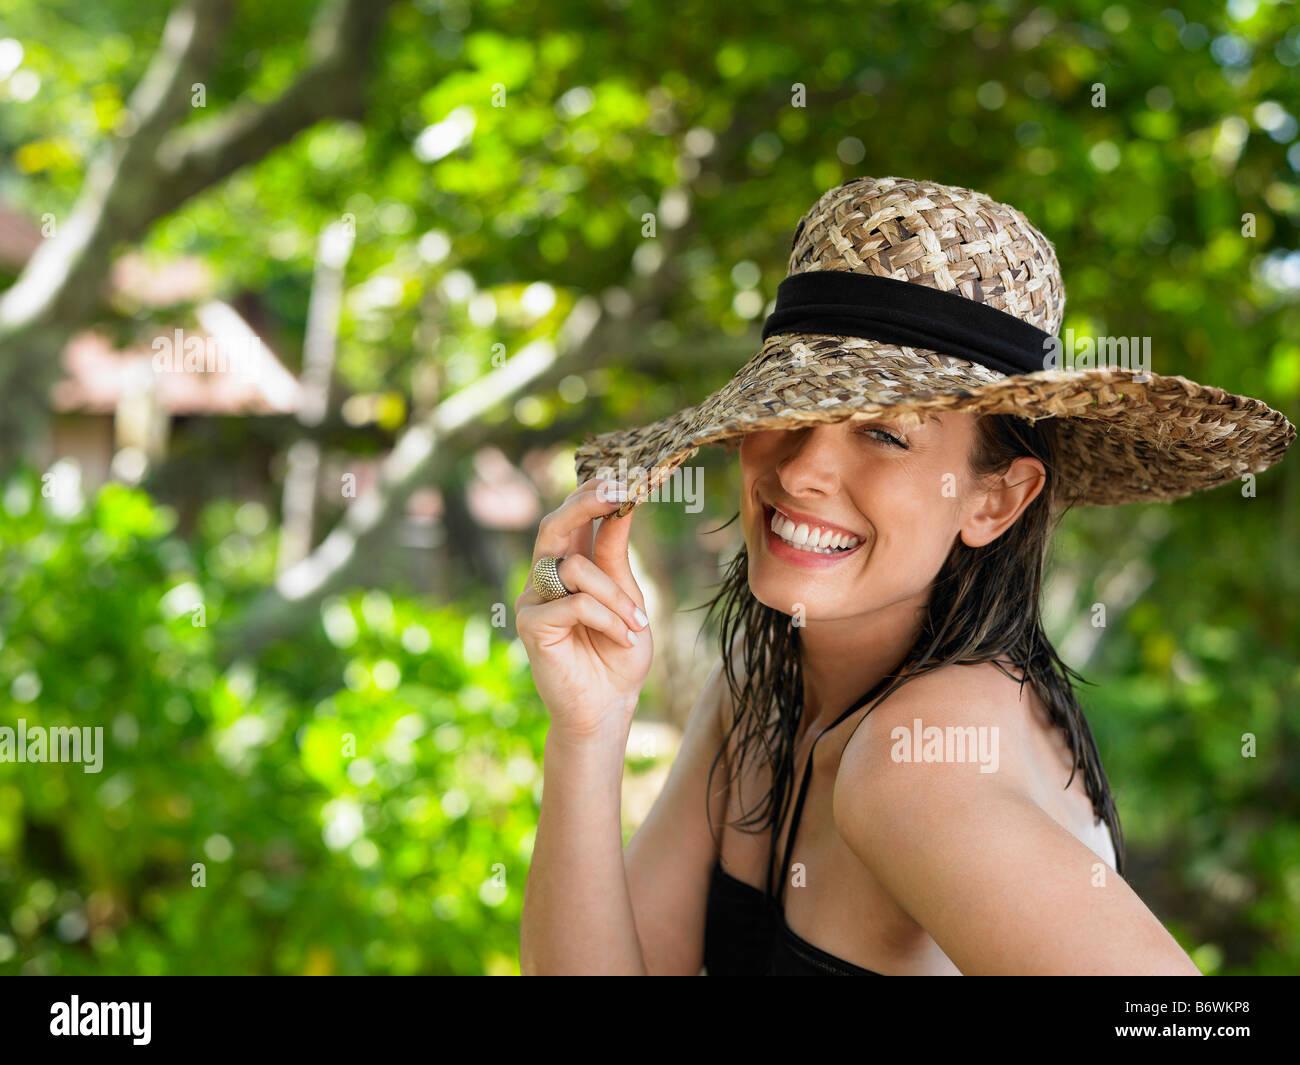 Mujer joven con sombrero para el sol Foto de stock